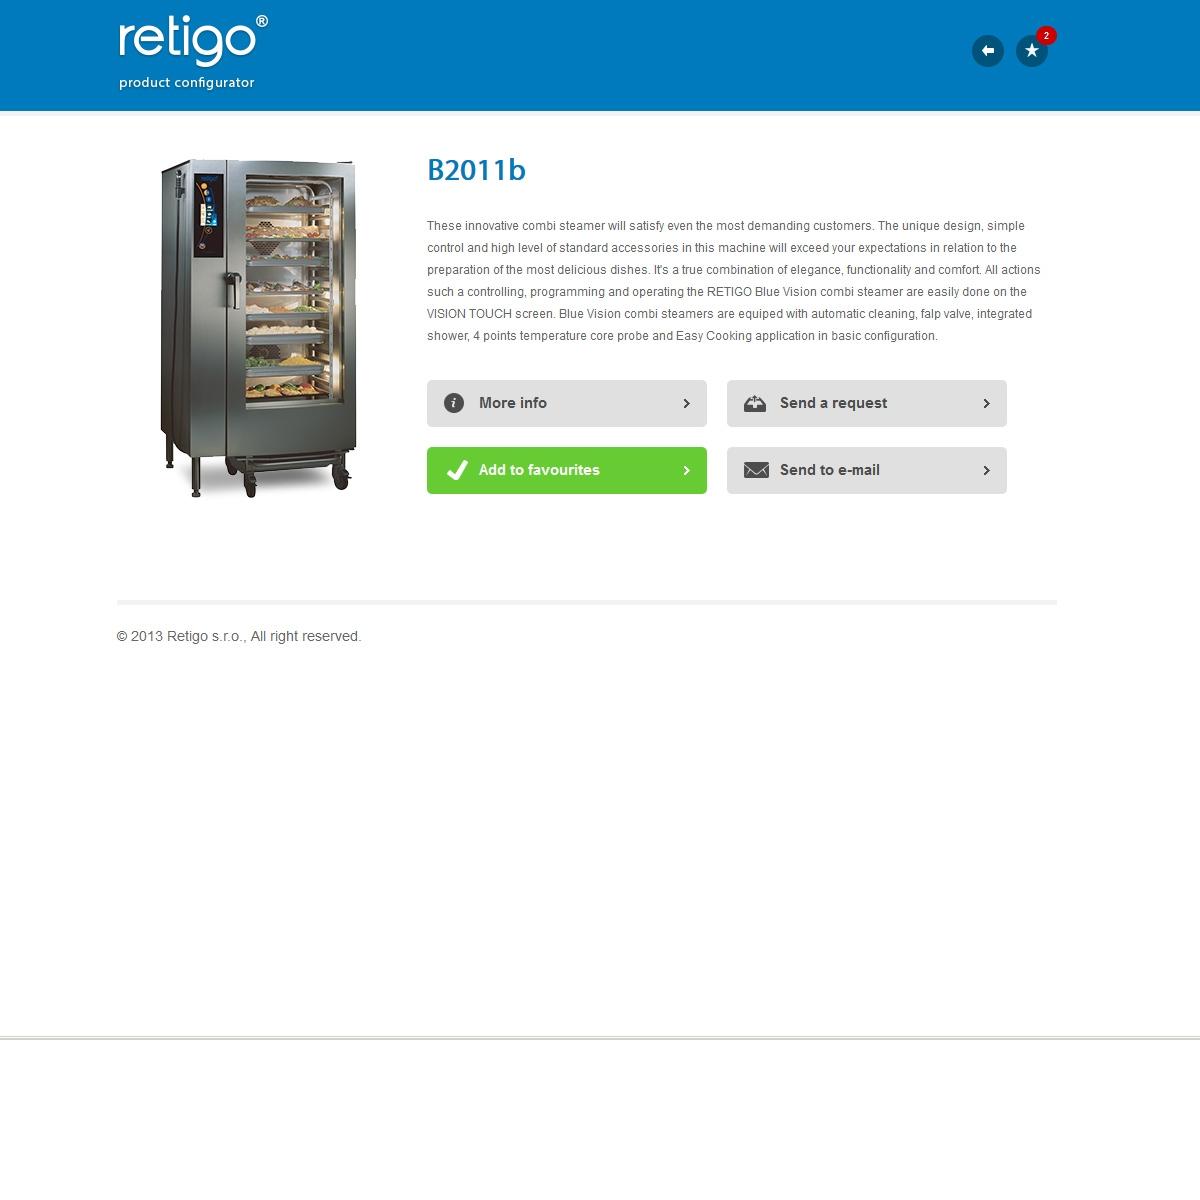 Fotografie retigo-configurator2_big.jpg